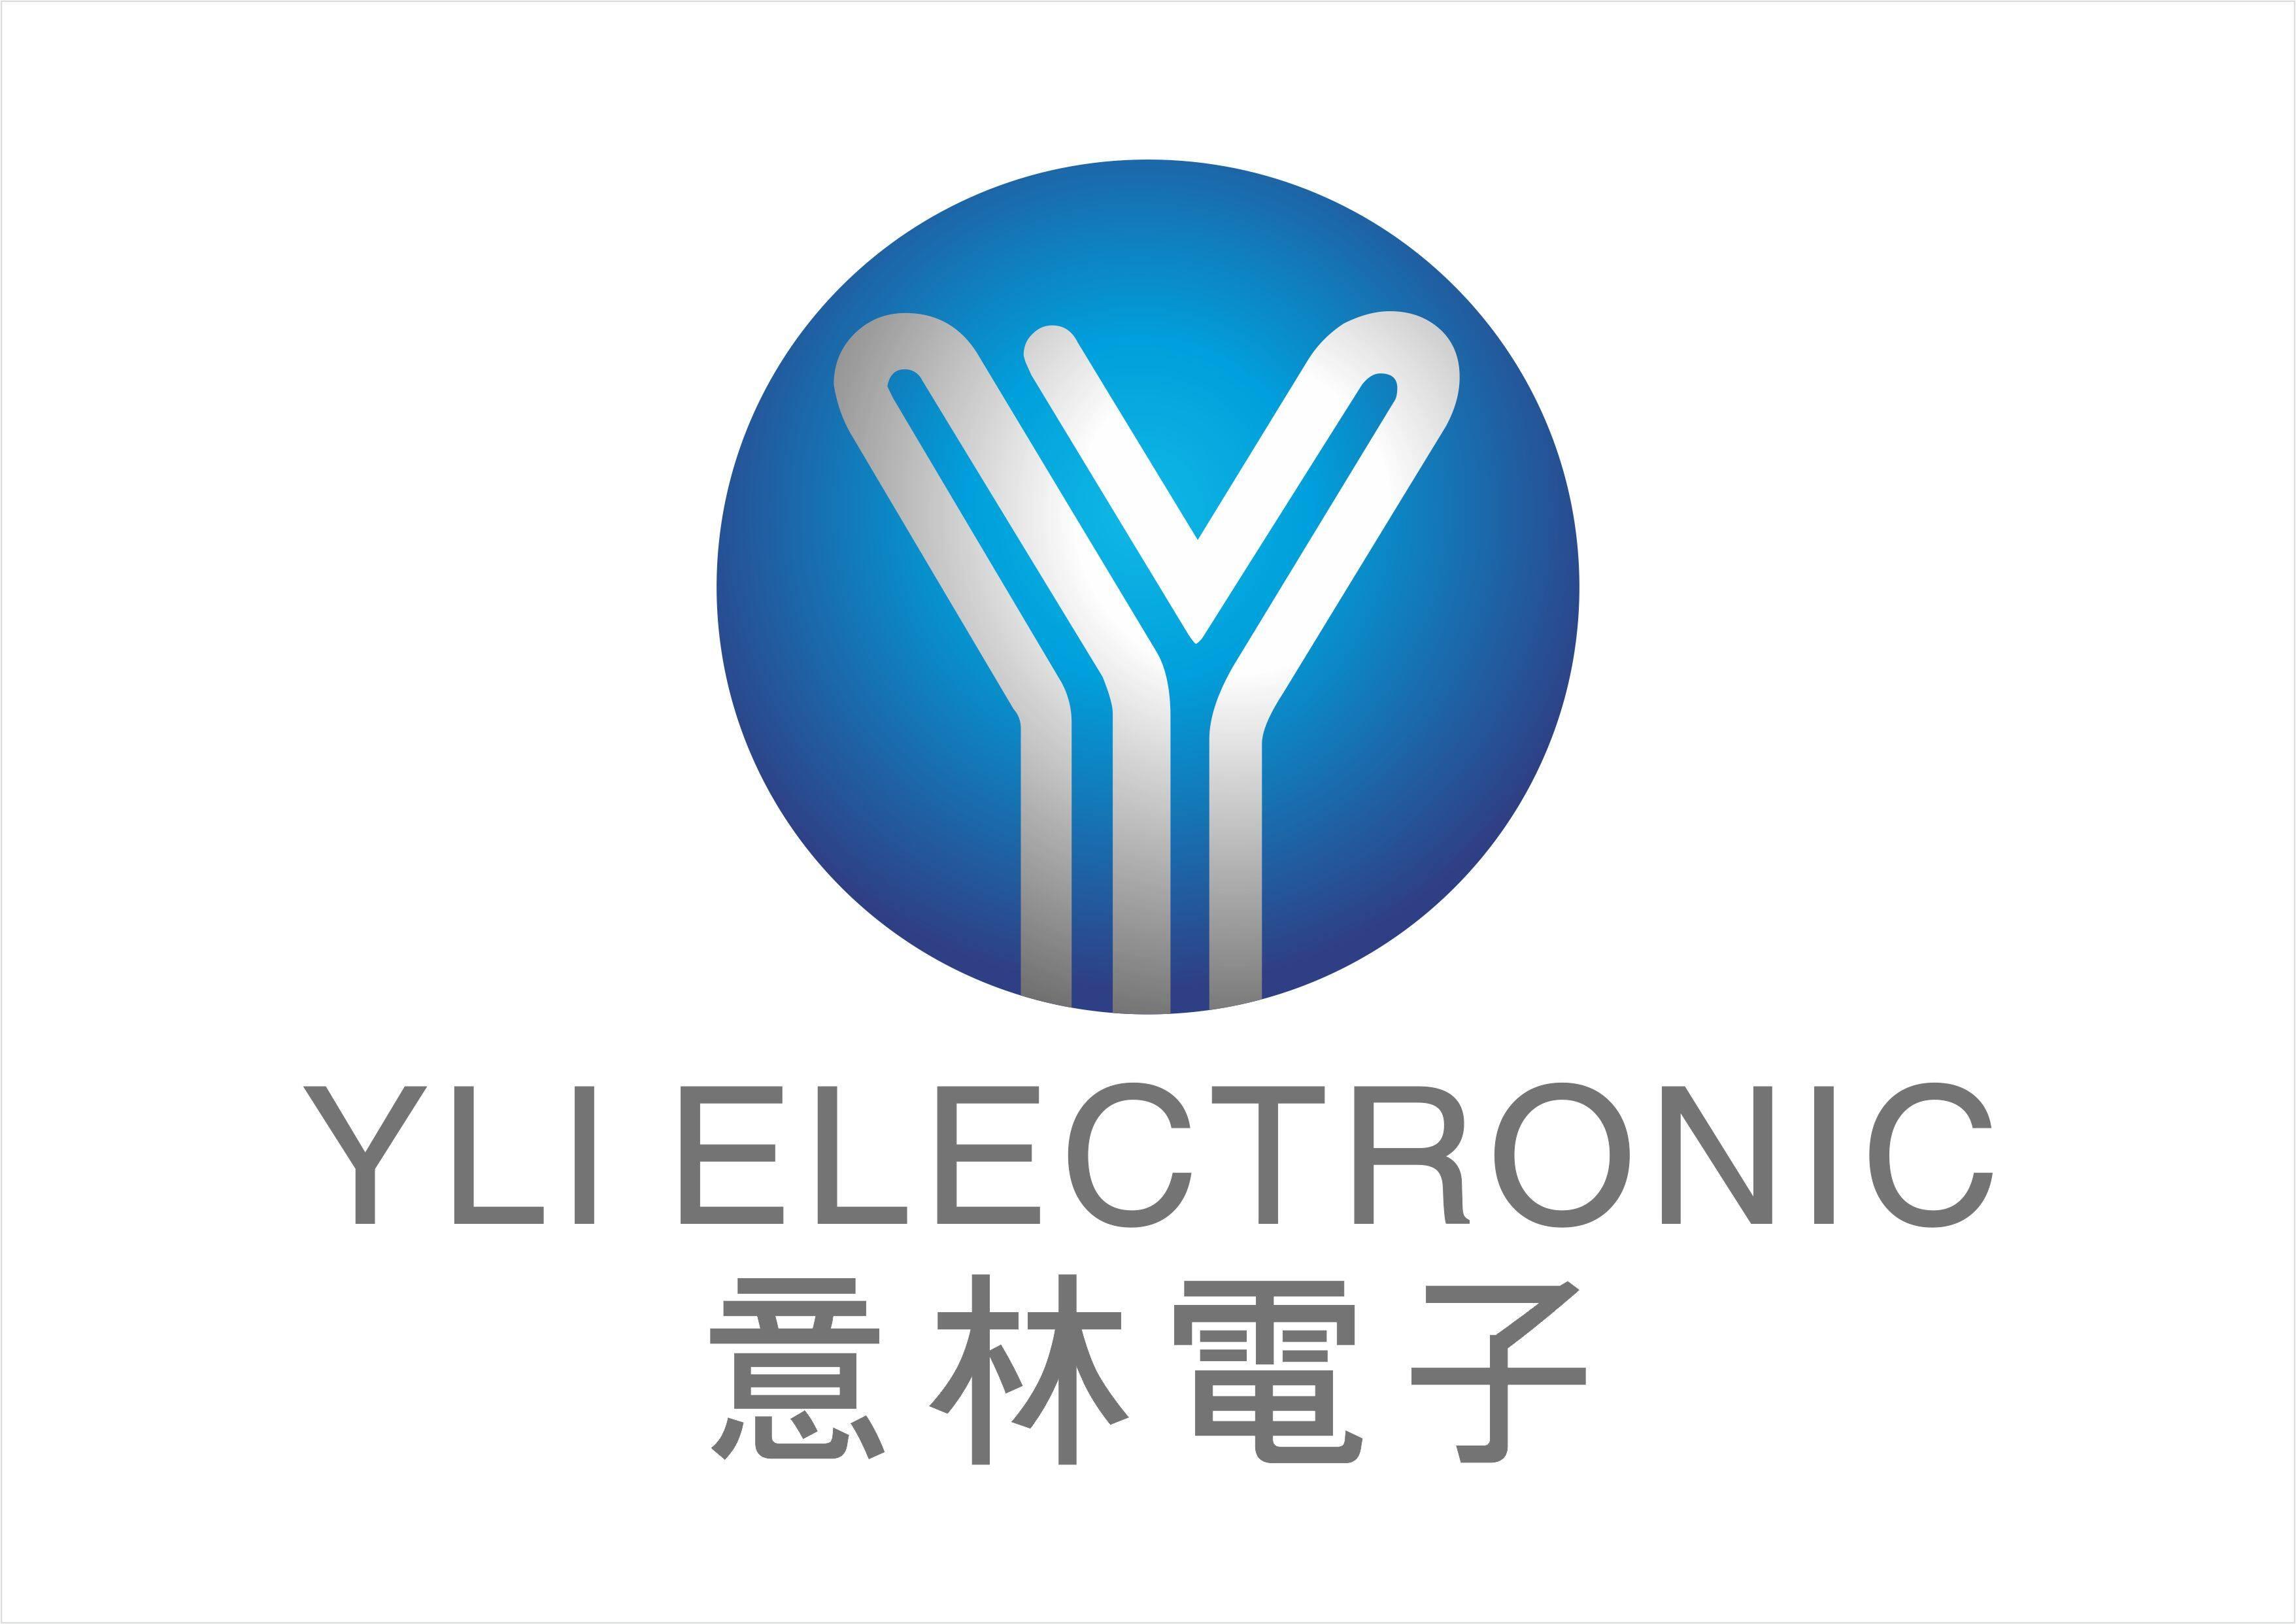 深圳市意林电锁有限公司